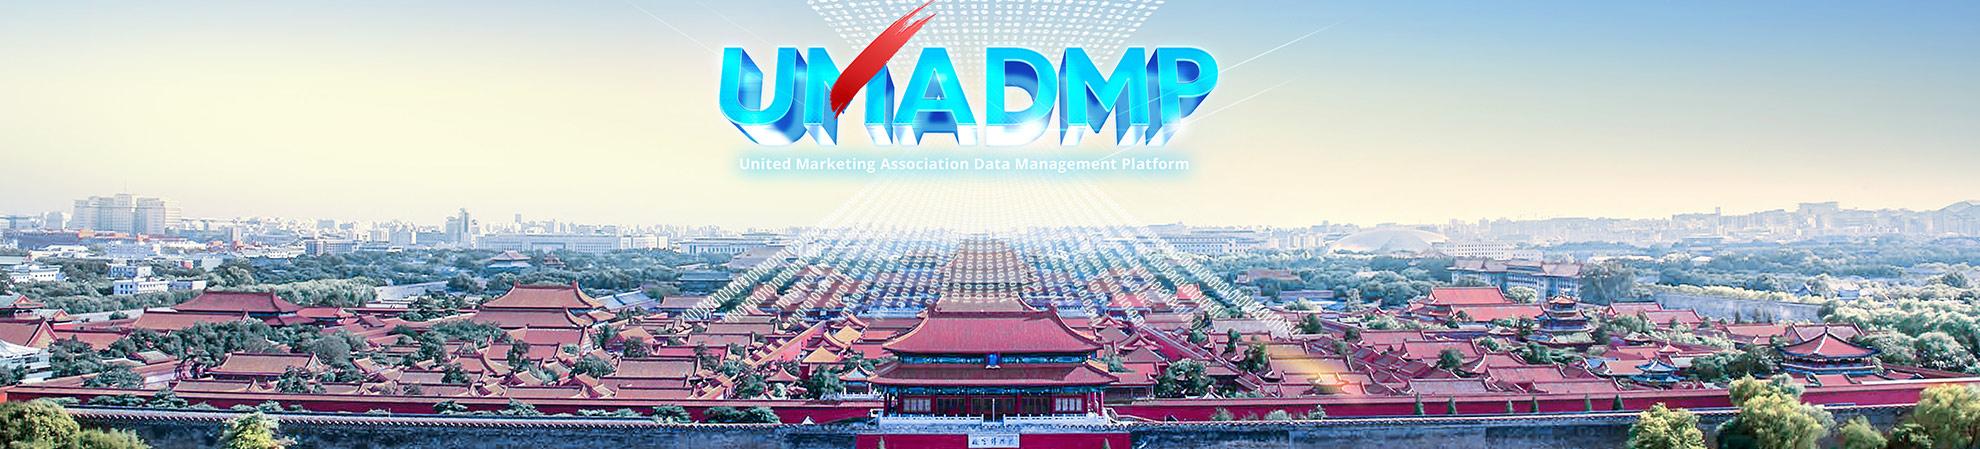 UMADMP